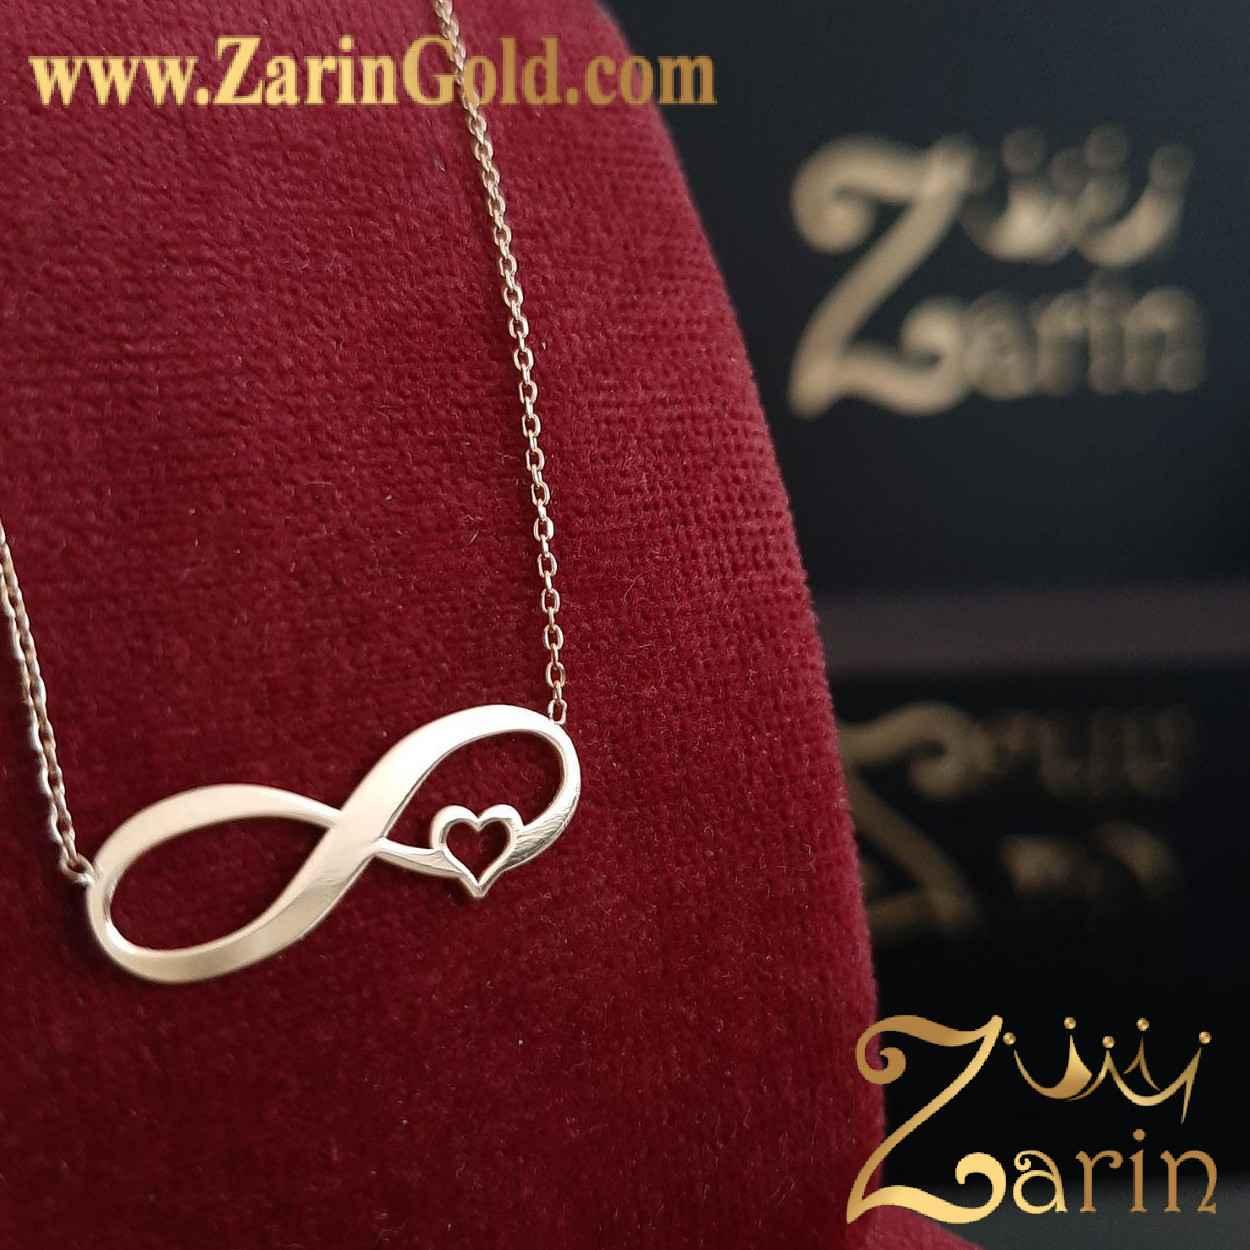 گردنبند طلا نماد بی نهایت قلب